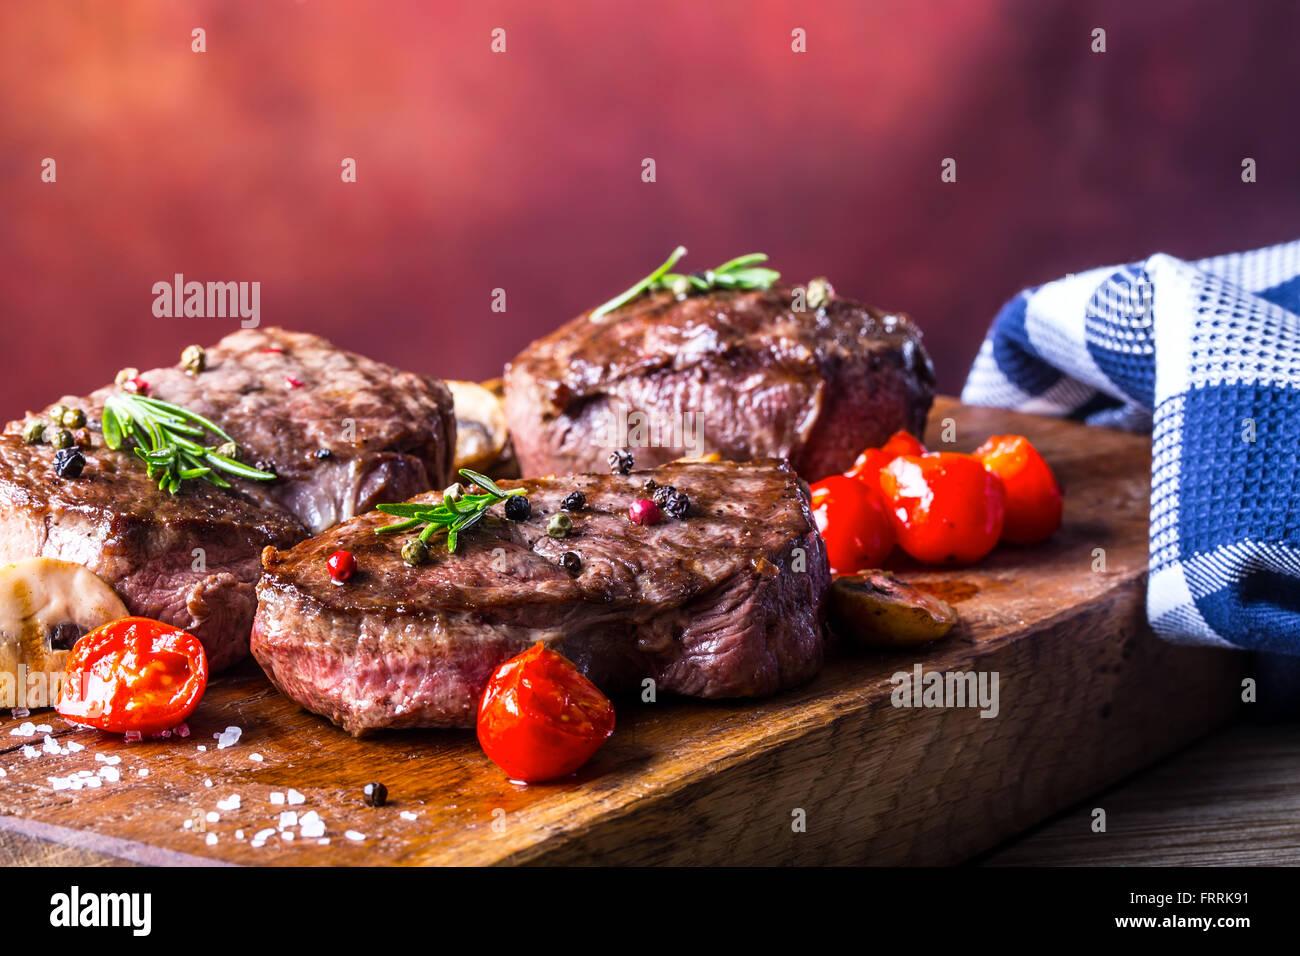 Les steaks. Grill Steak de boeuf. Certaines parties du boeuf de surlonge de bœuf épais juteux sur grill pan Photo Stock